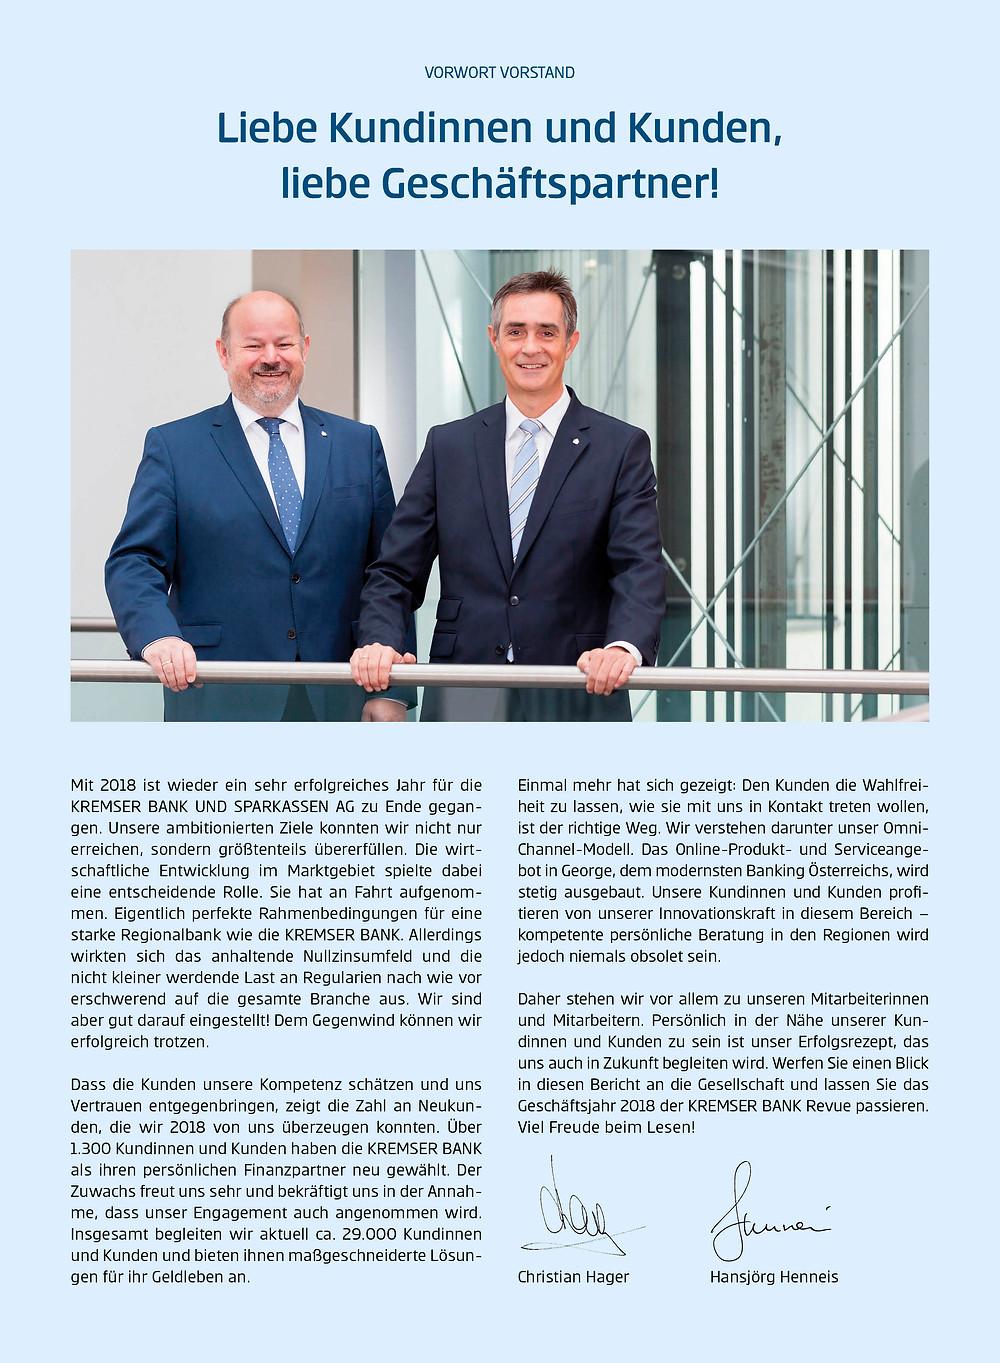 Artikel im Magazin Vorteil mit dem Vorwort des Vorstandes der Kremser Bank Christian Hager und Hansjörg Henneis